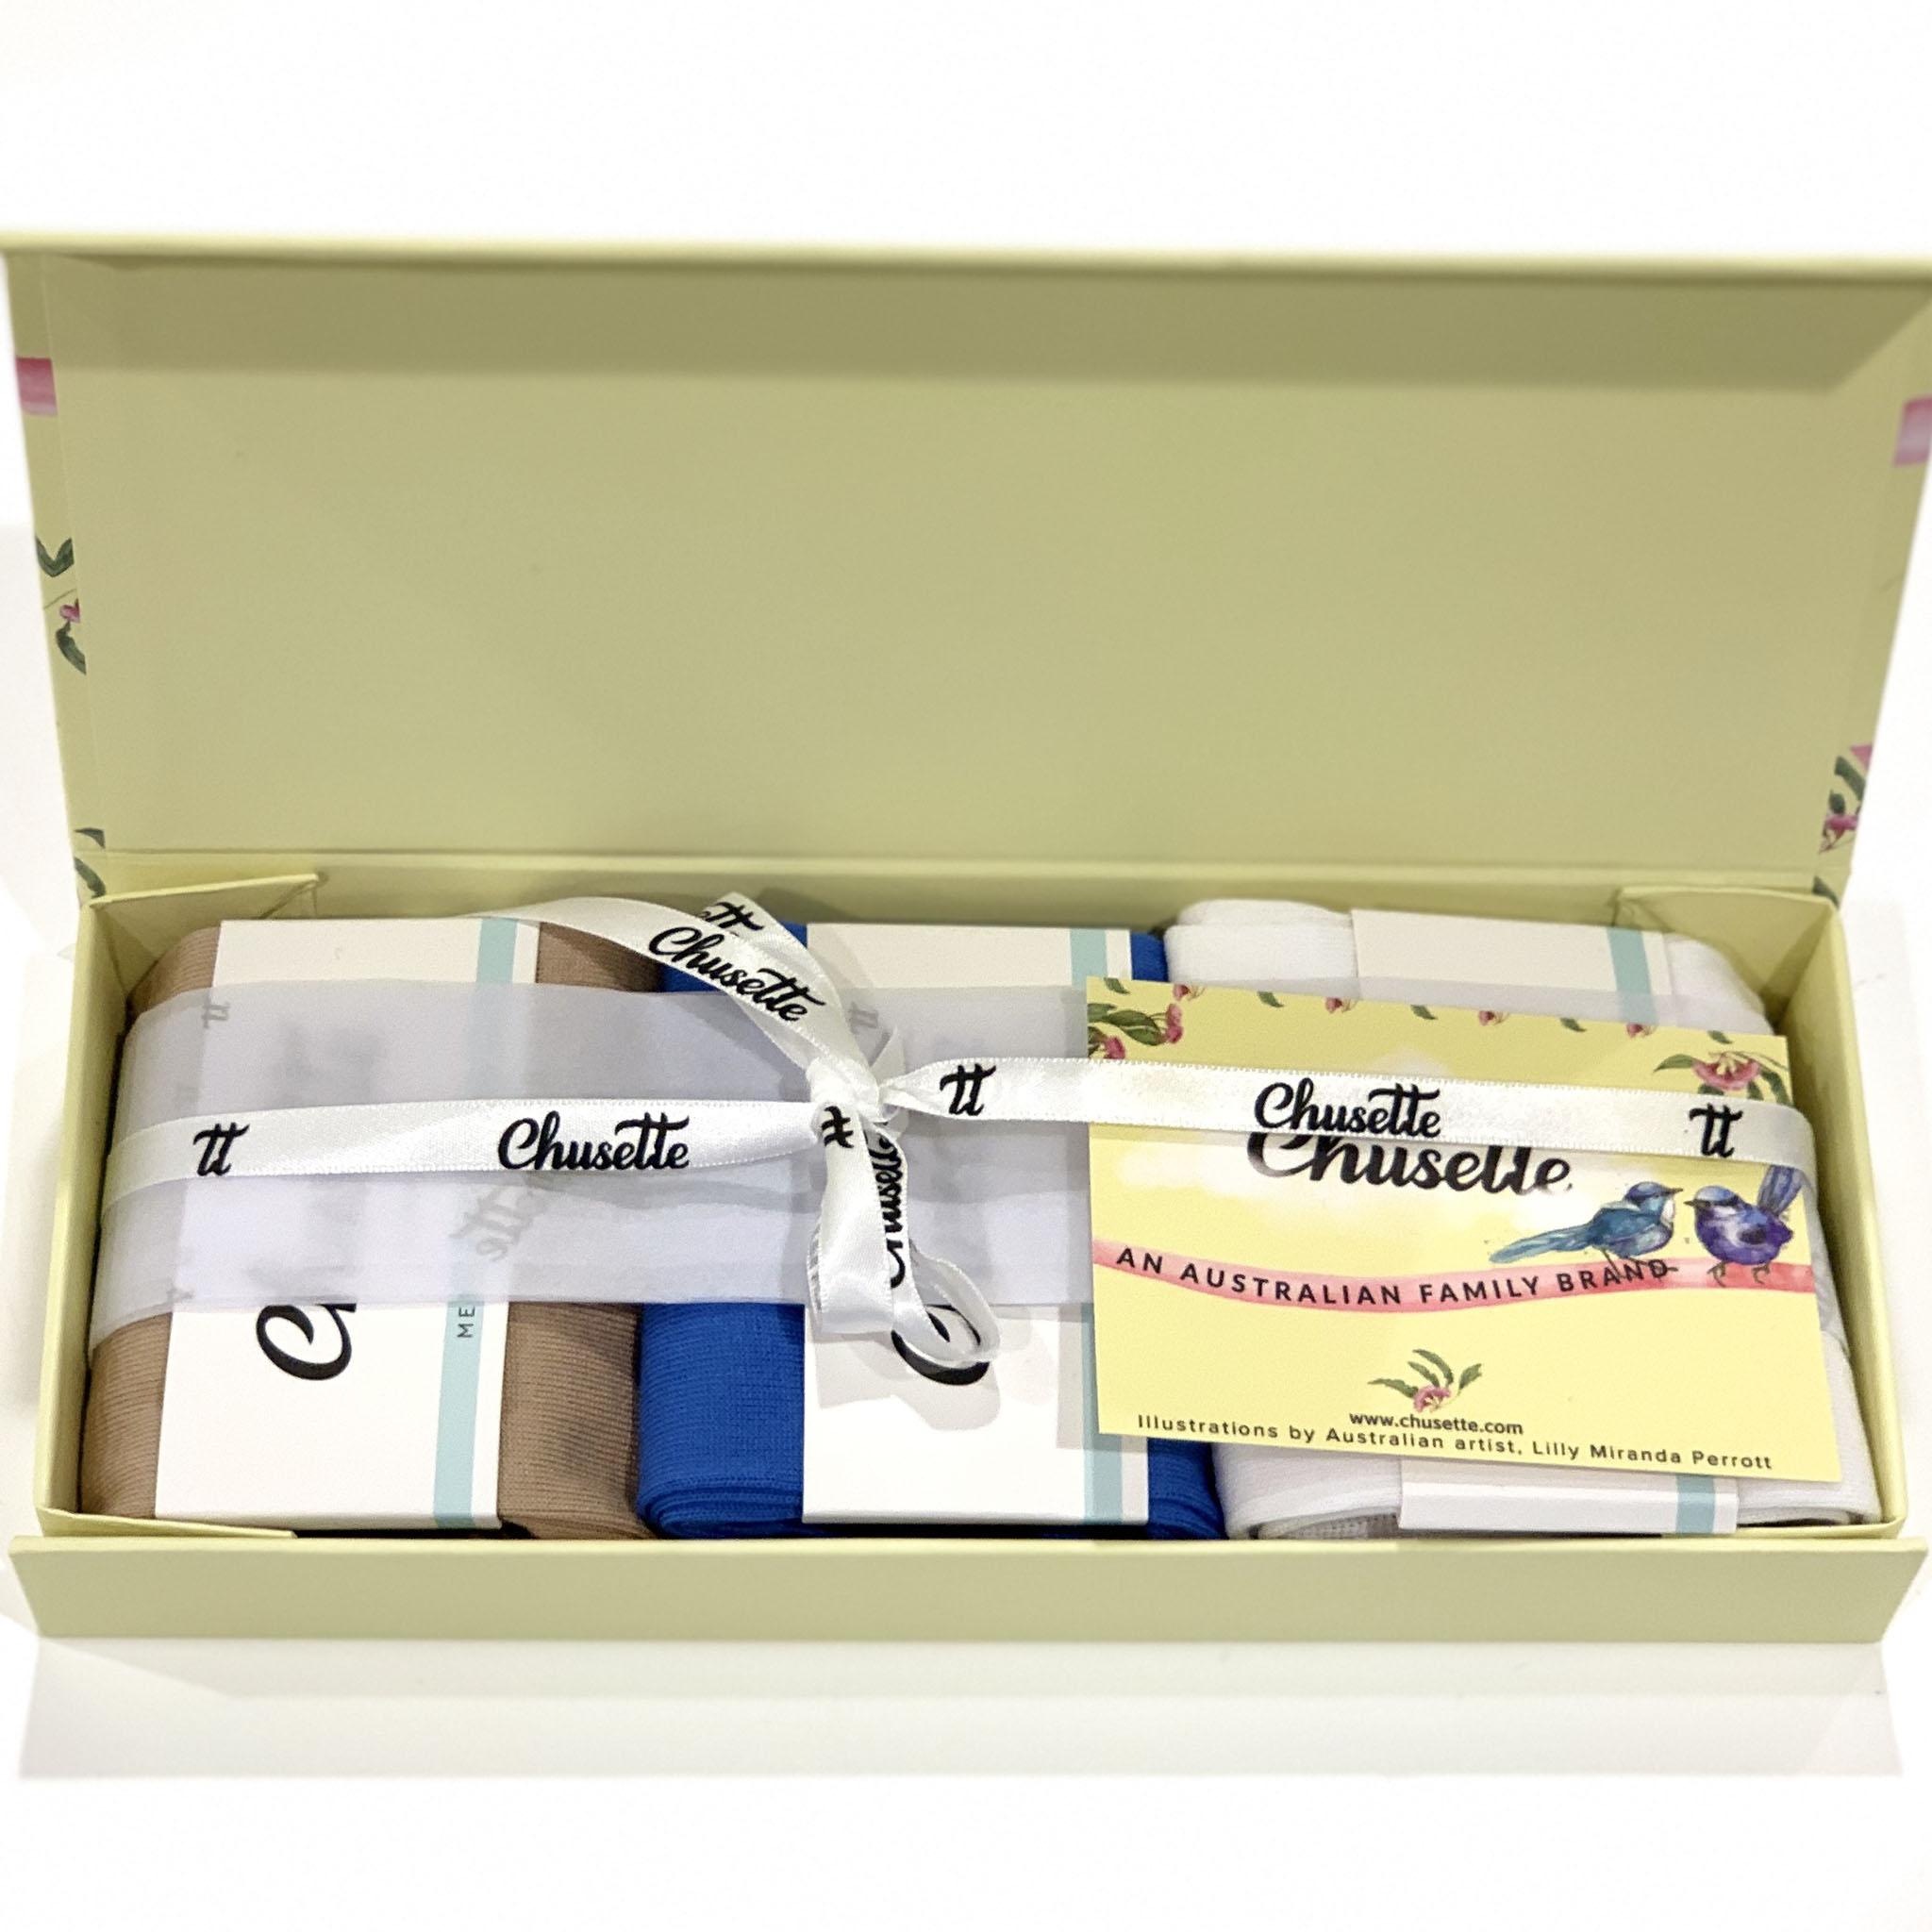 New Men's present box